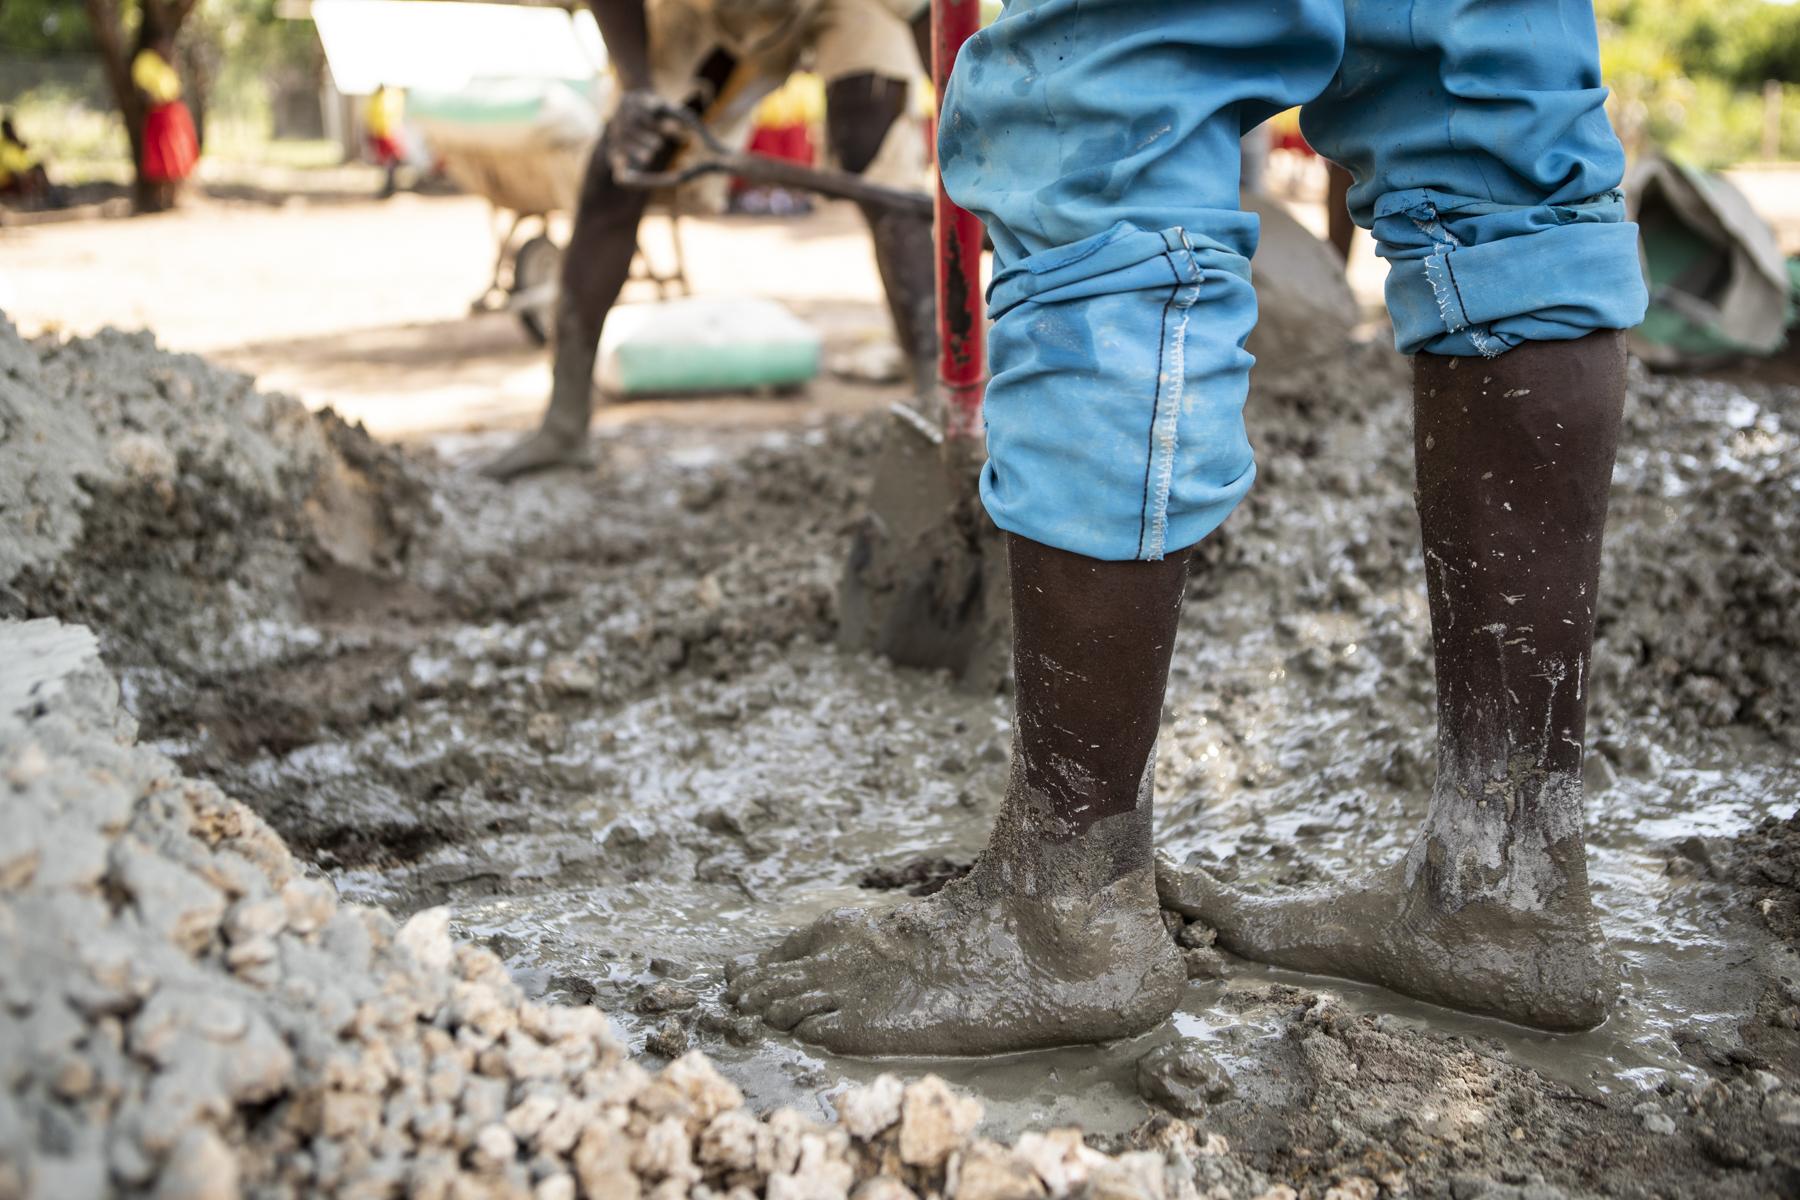 Viele Fundis arbeiten barfuss – auch beim Mischen des Betons.